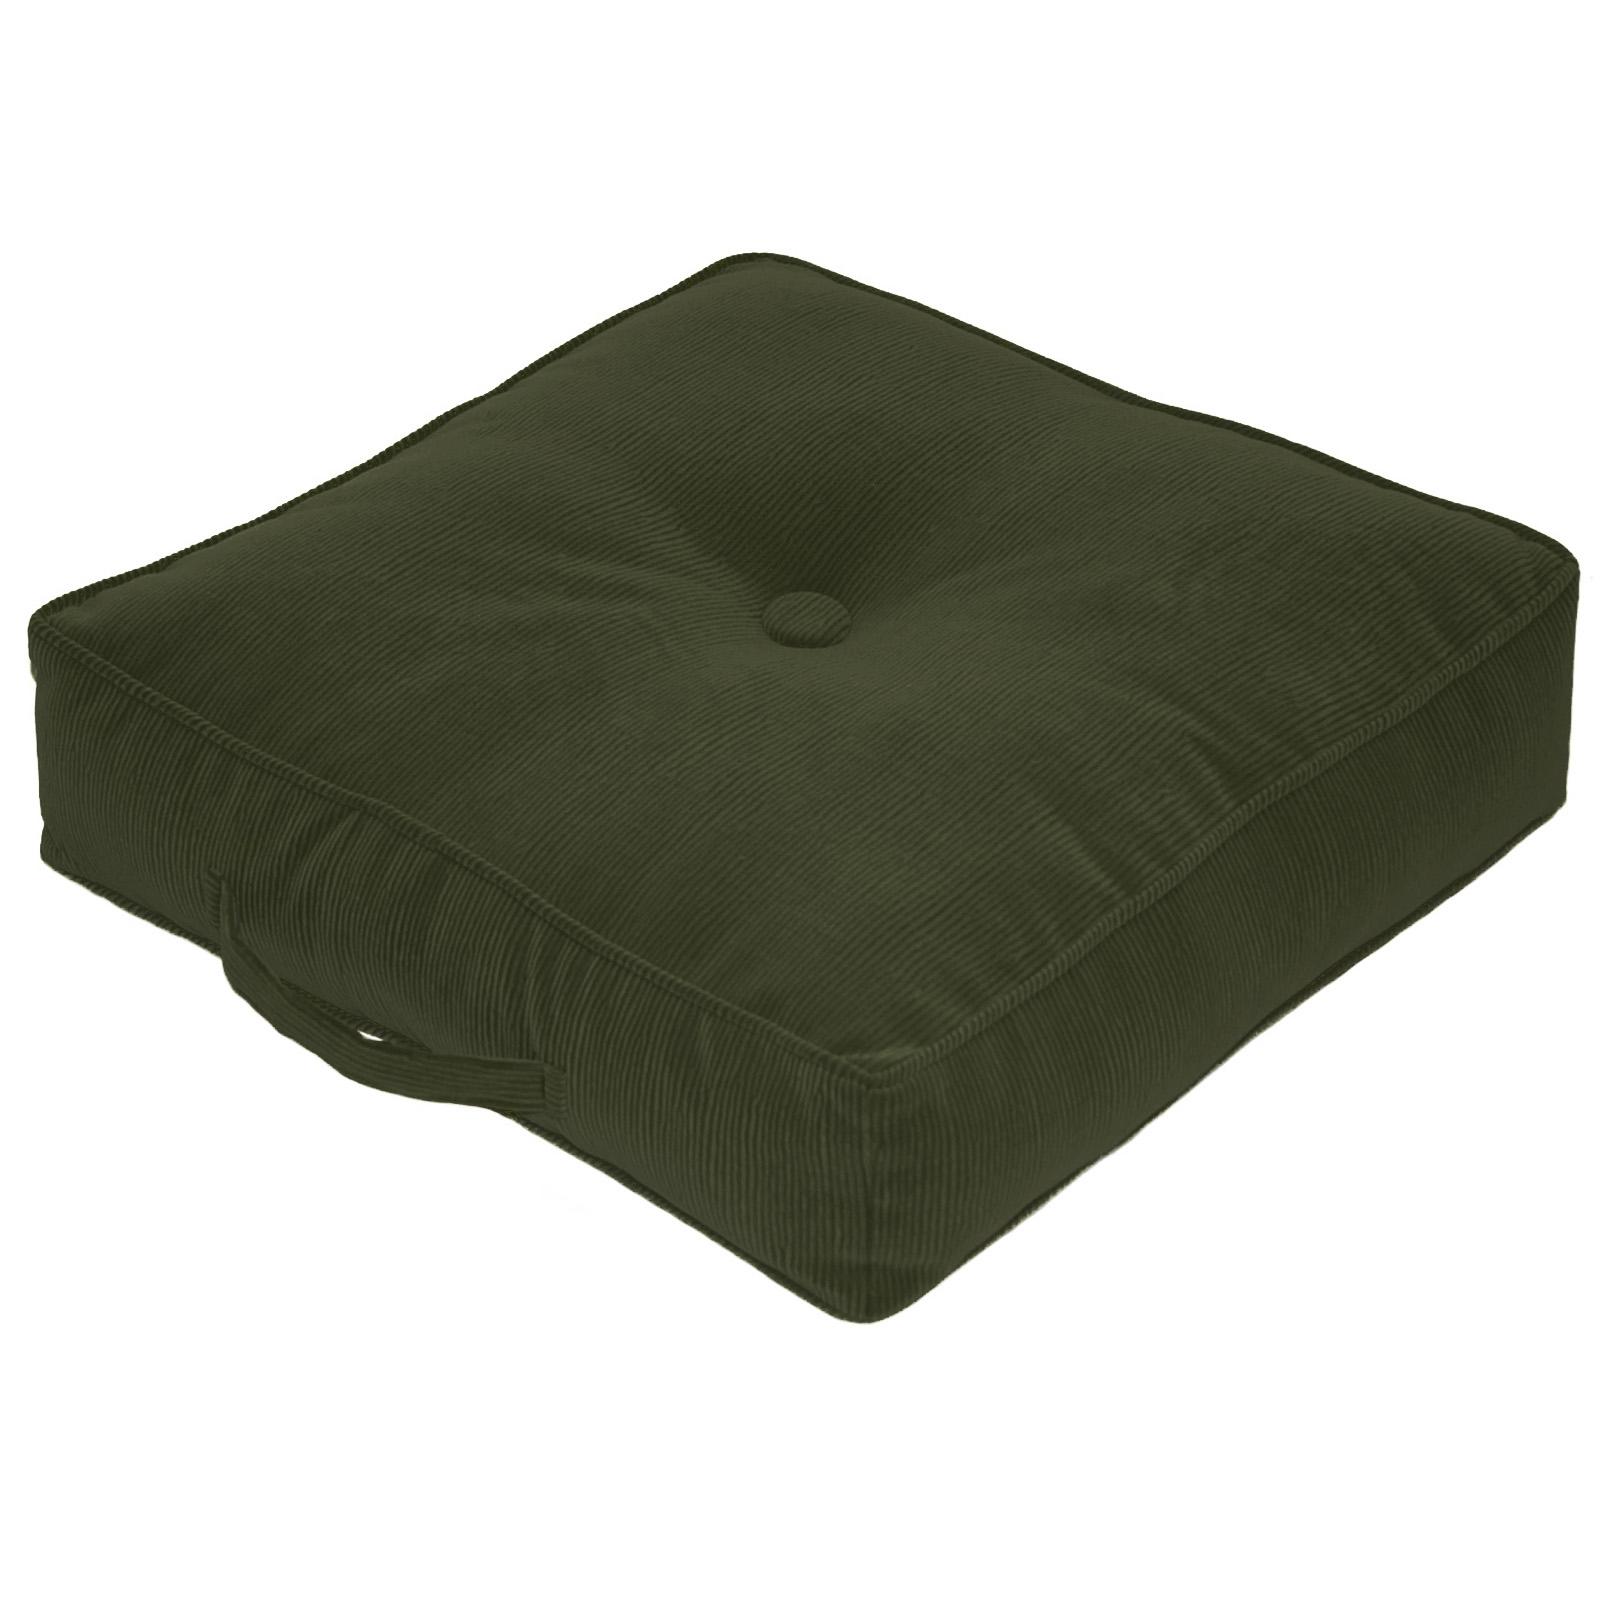 Floor Cushions & Floor Pillows